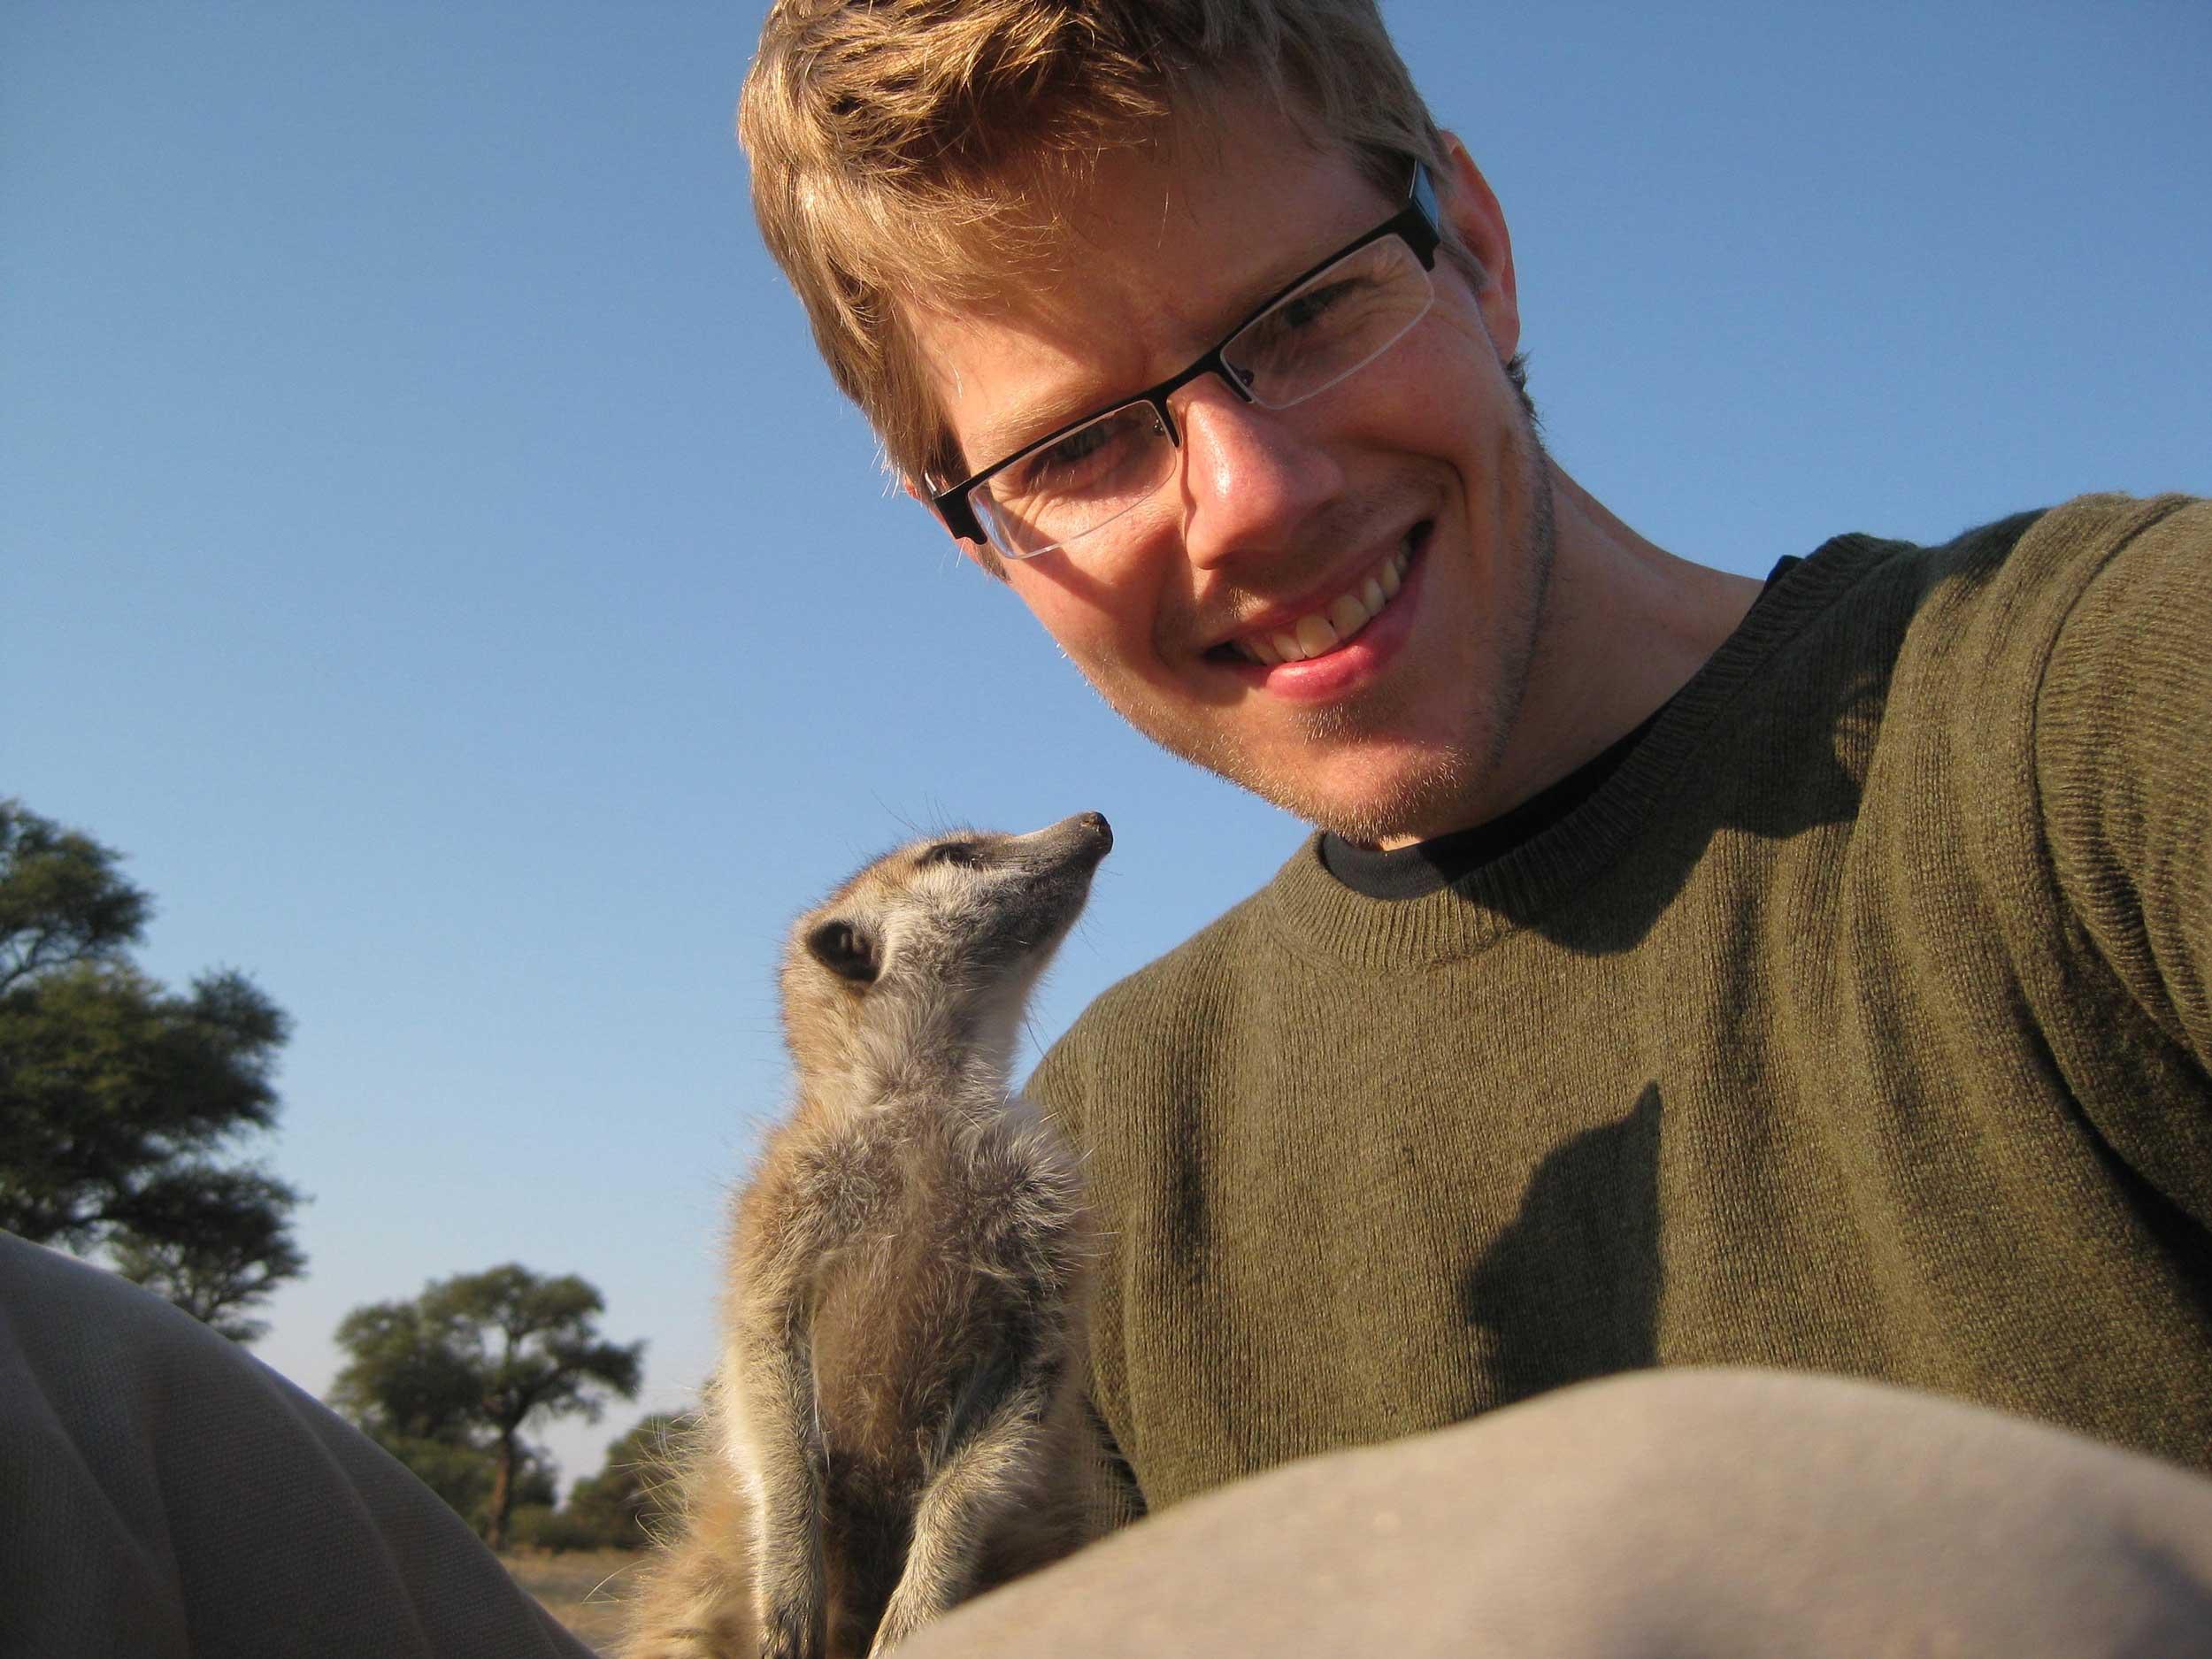 Ben Dantzer and meerkat. Image courtesy: Ben Dantzer